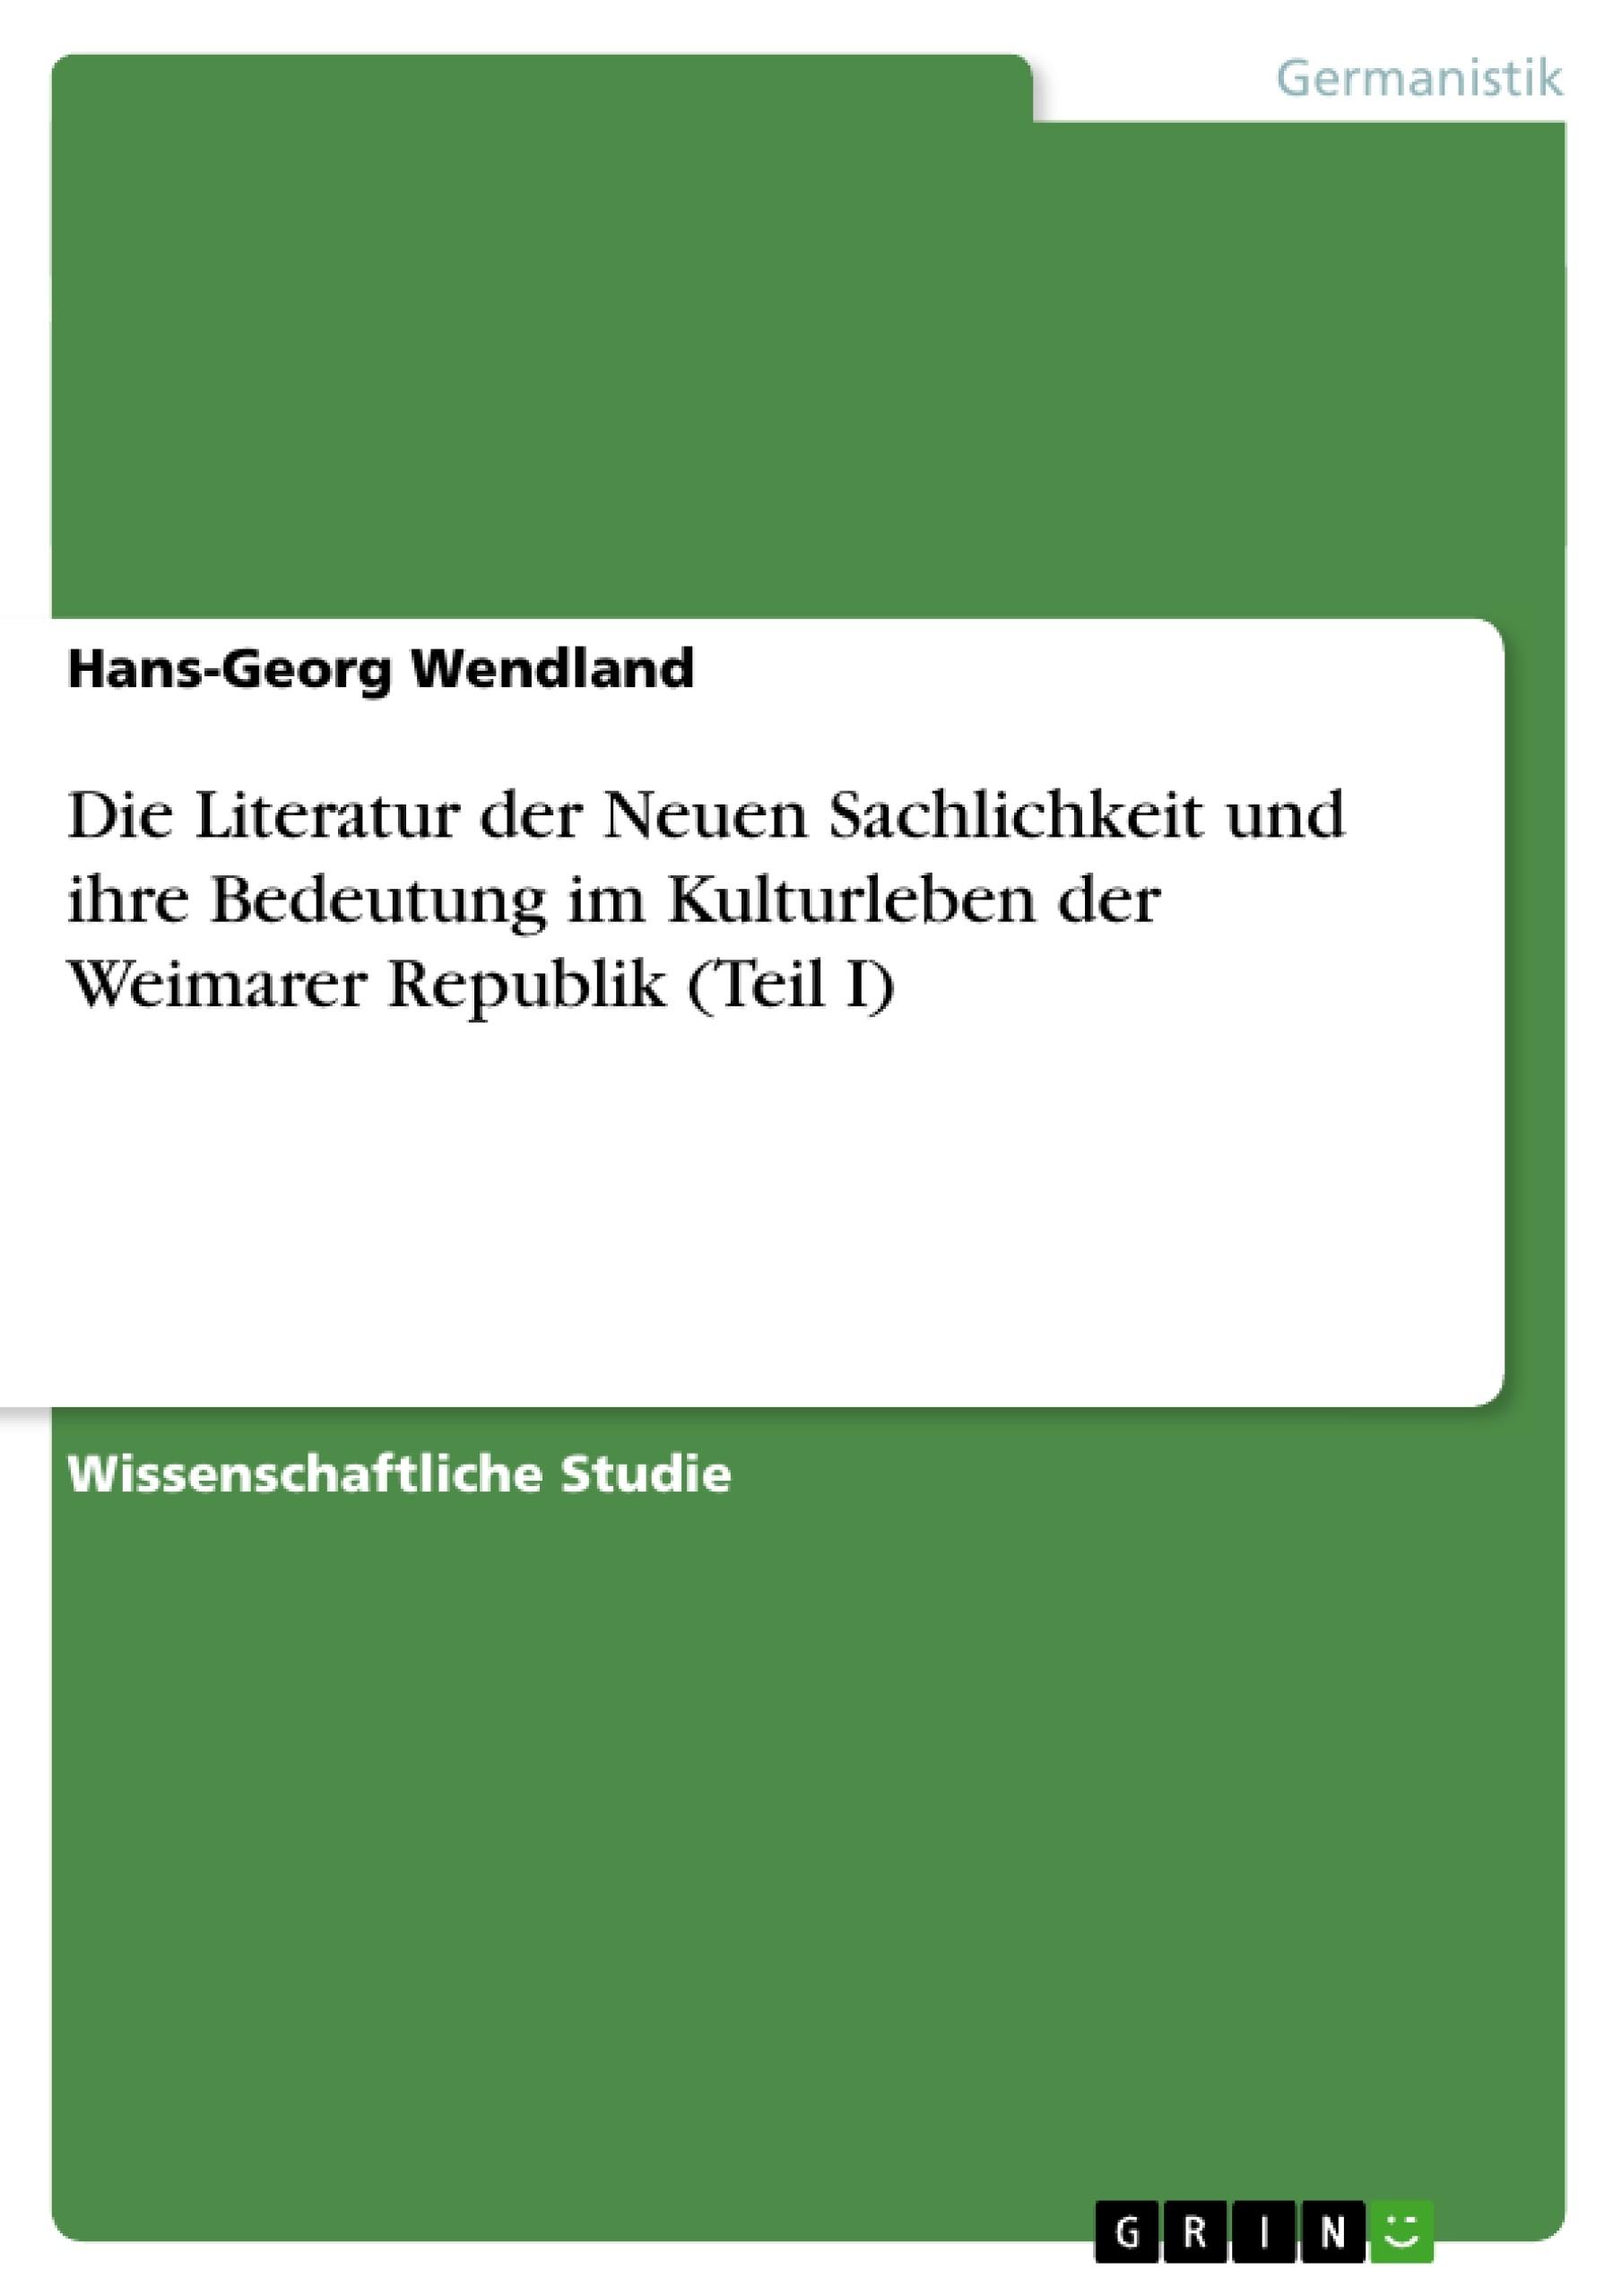 Titel: Die Literatur der Neuen Sachlichkeit und ihre Bedeutung im Kulturleben der Weimarer Republik (Teil I)